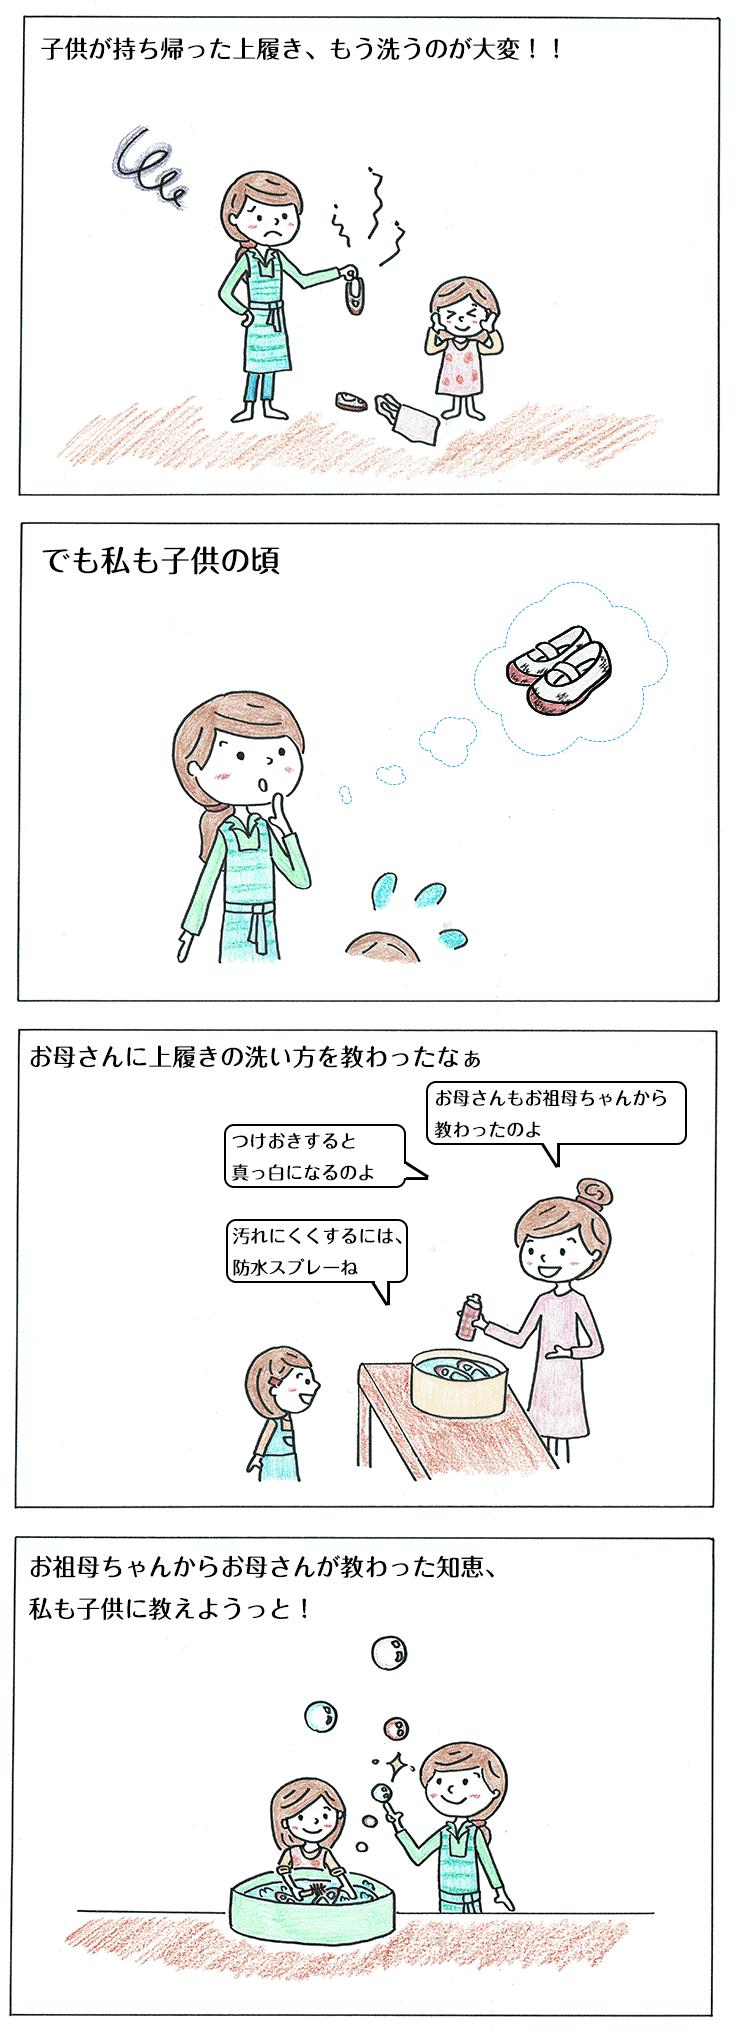 上履きの洗い方の子育て4コマ漫画